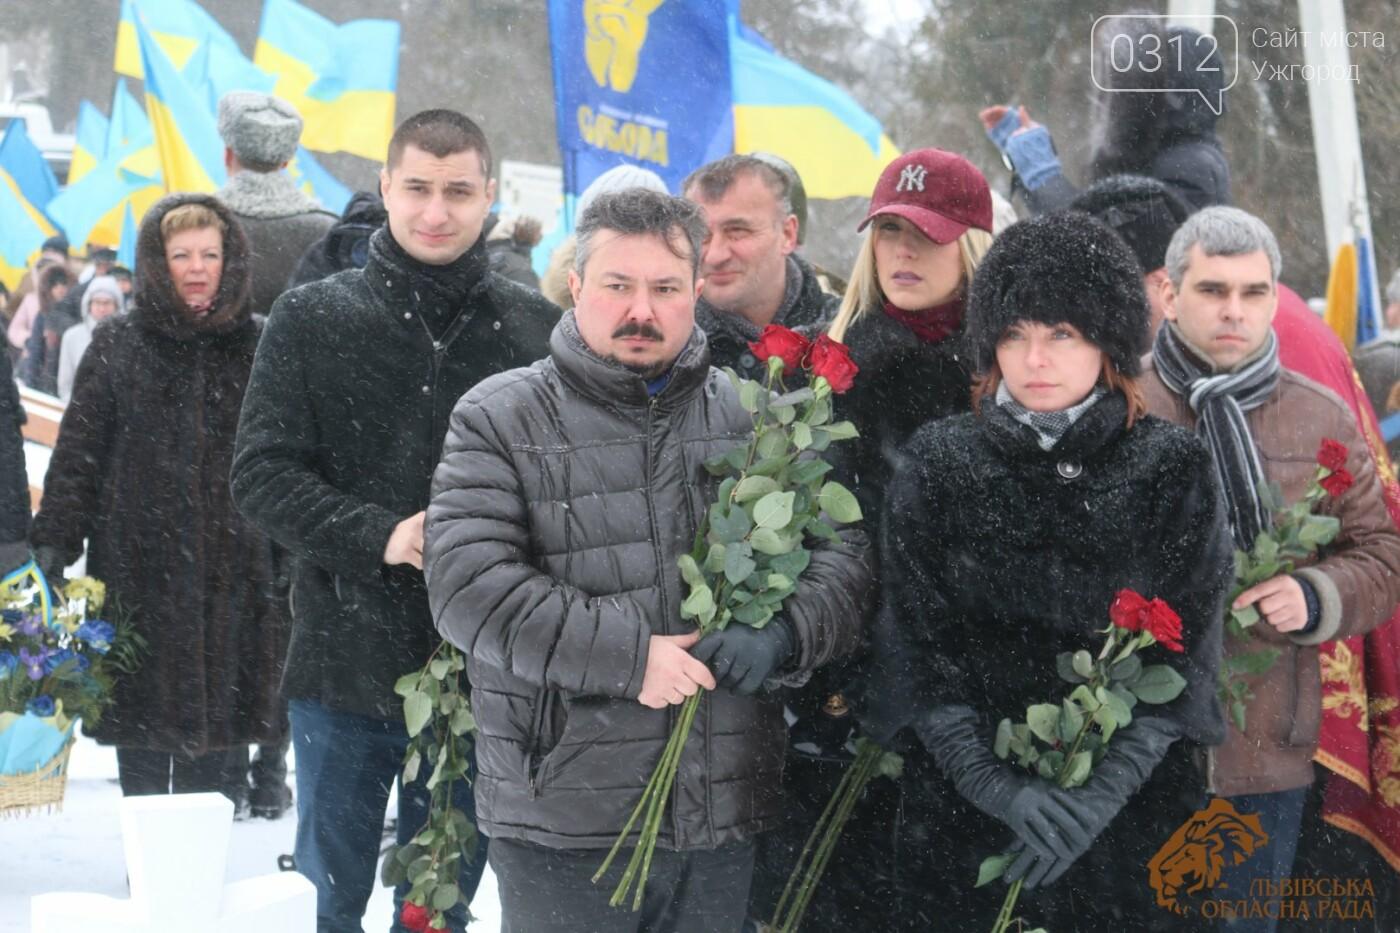 Закарпатці віддали шану полеглим січовикам Карпатської України на Верецькому перевалі (ФОТОРЕПОРТАЖ), фото-9